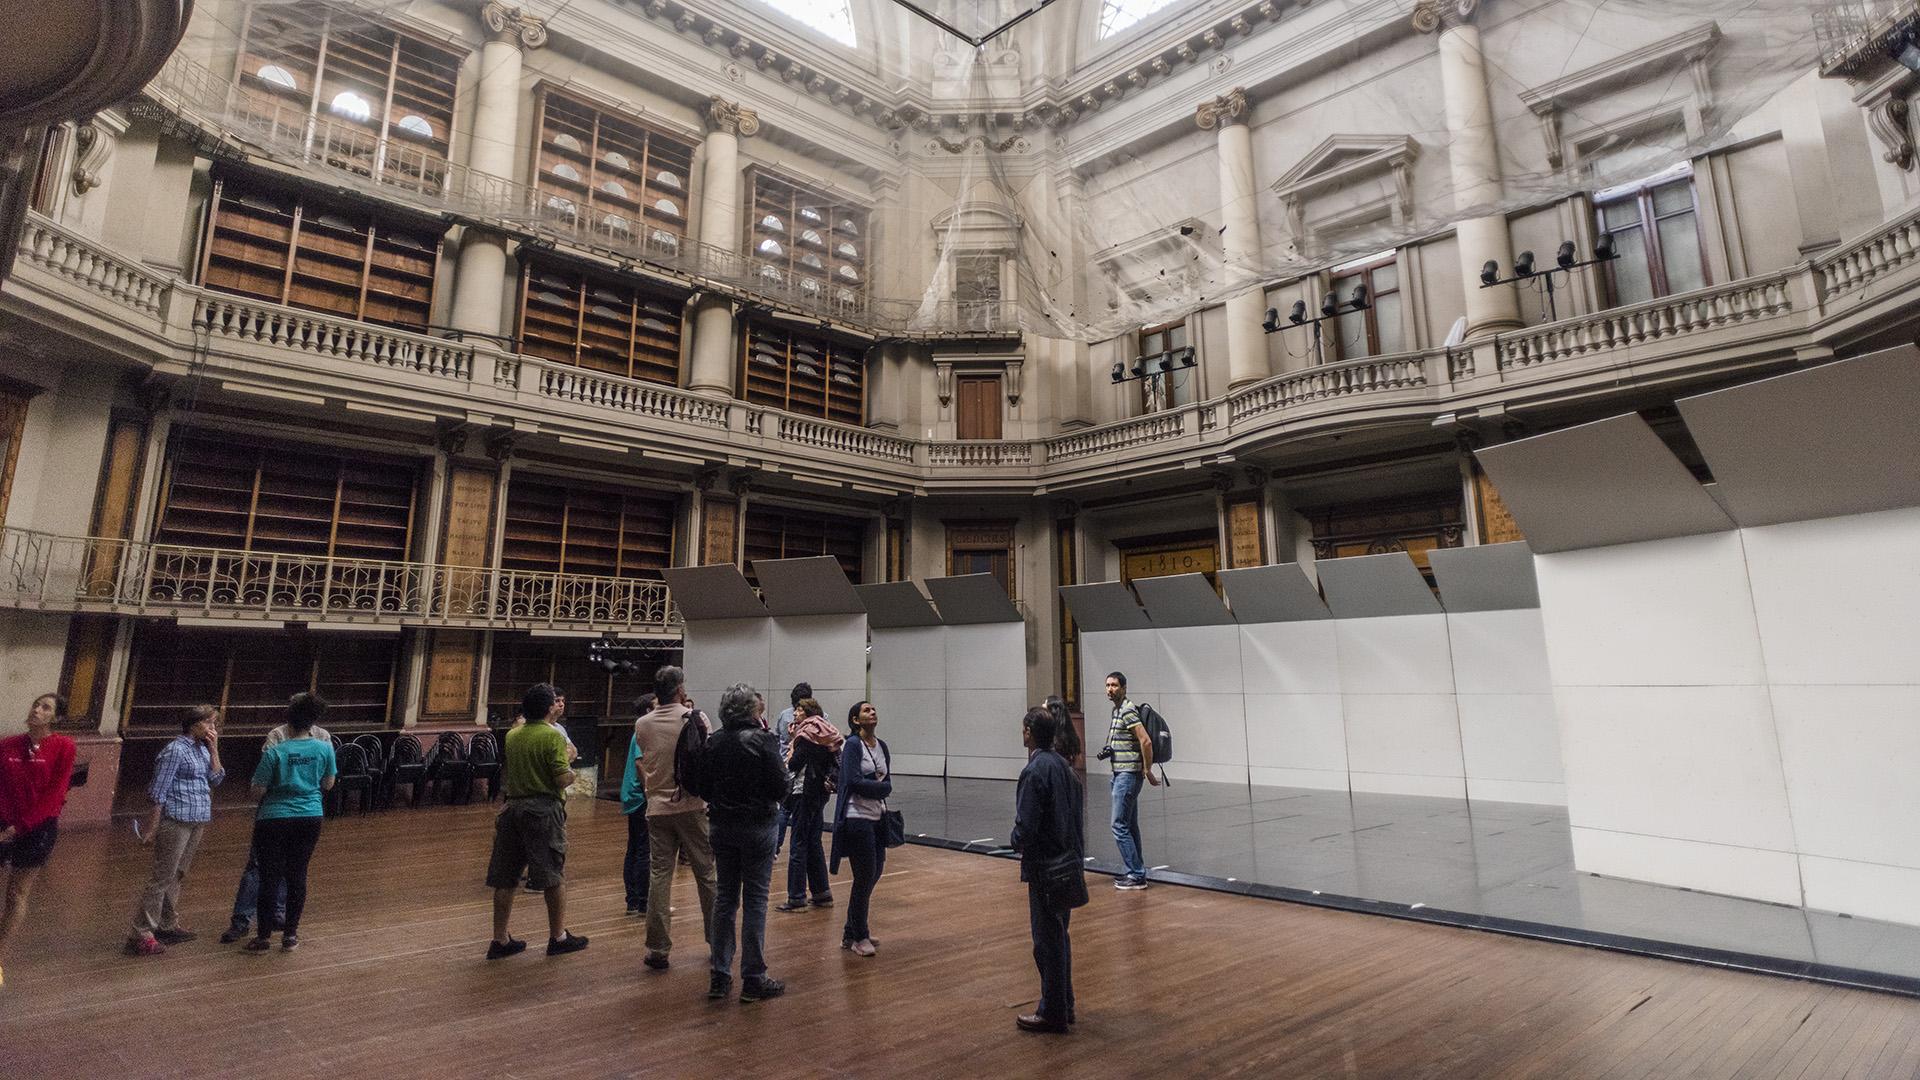 Fue concebido originalmente para alojar la Lotería de Beneficencia y cedido durante su construcción a la Biblioteca Nacional